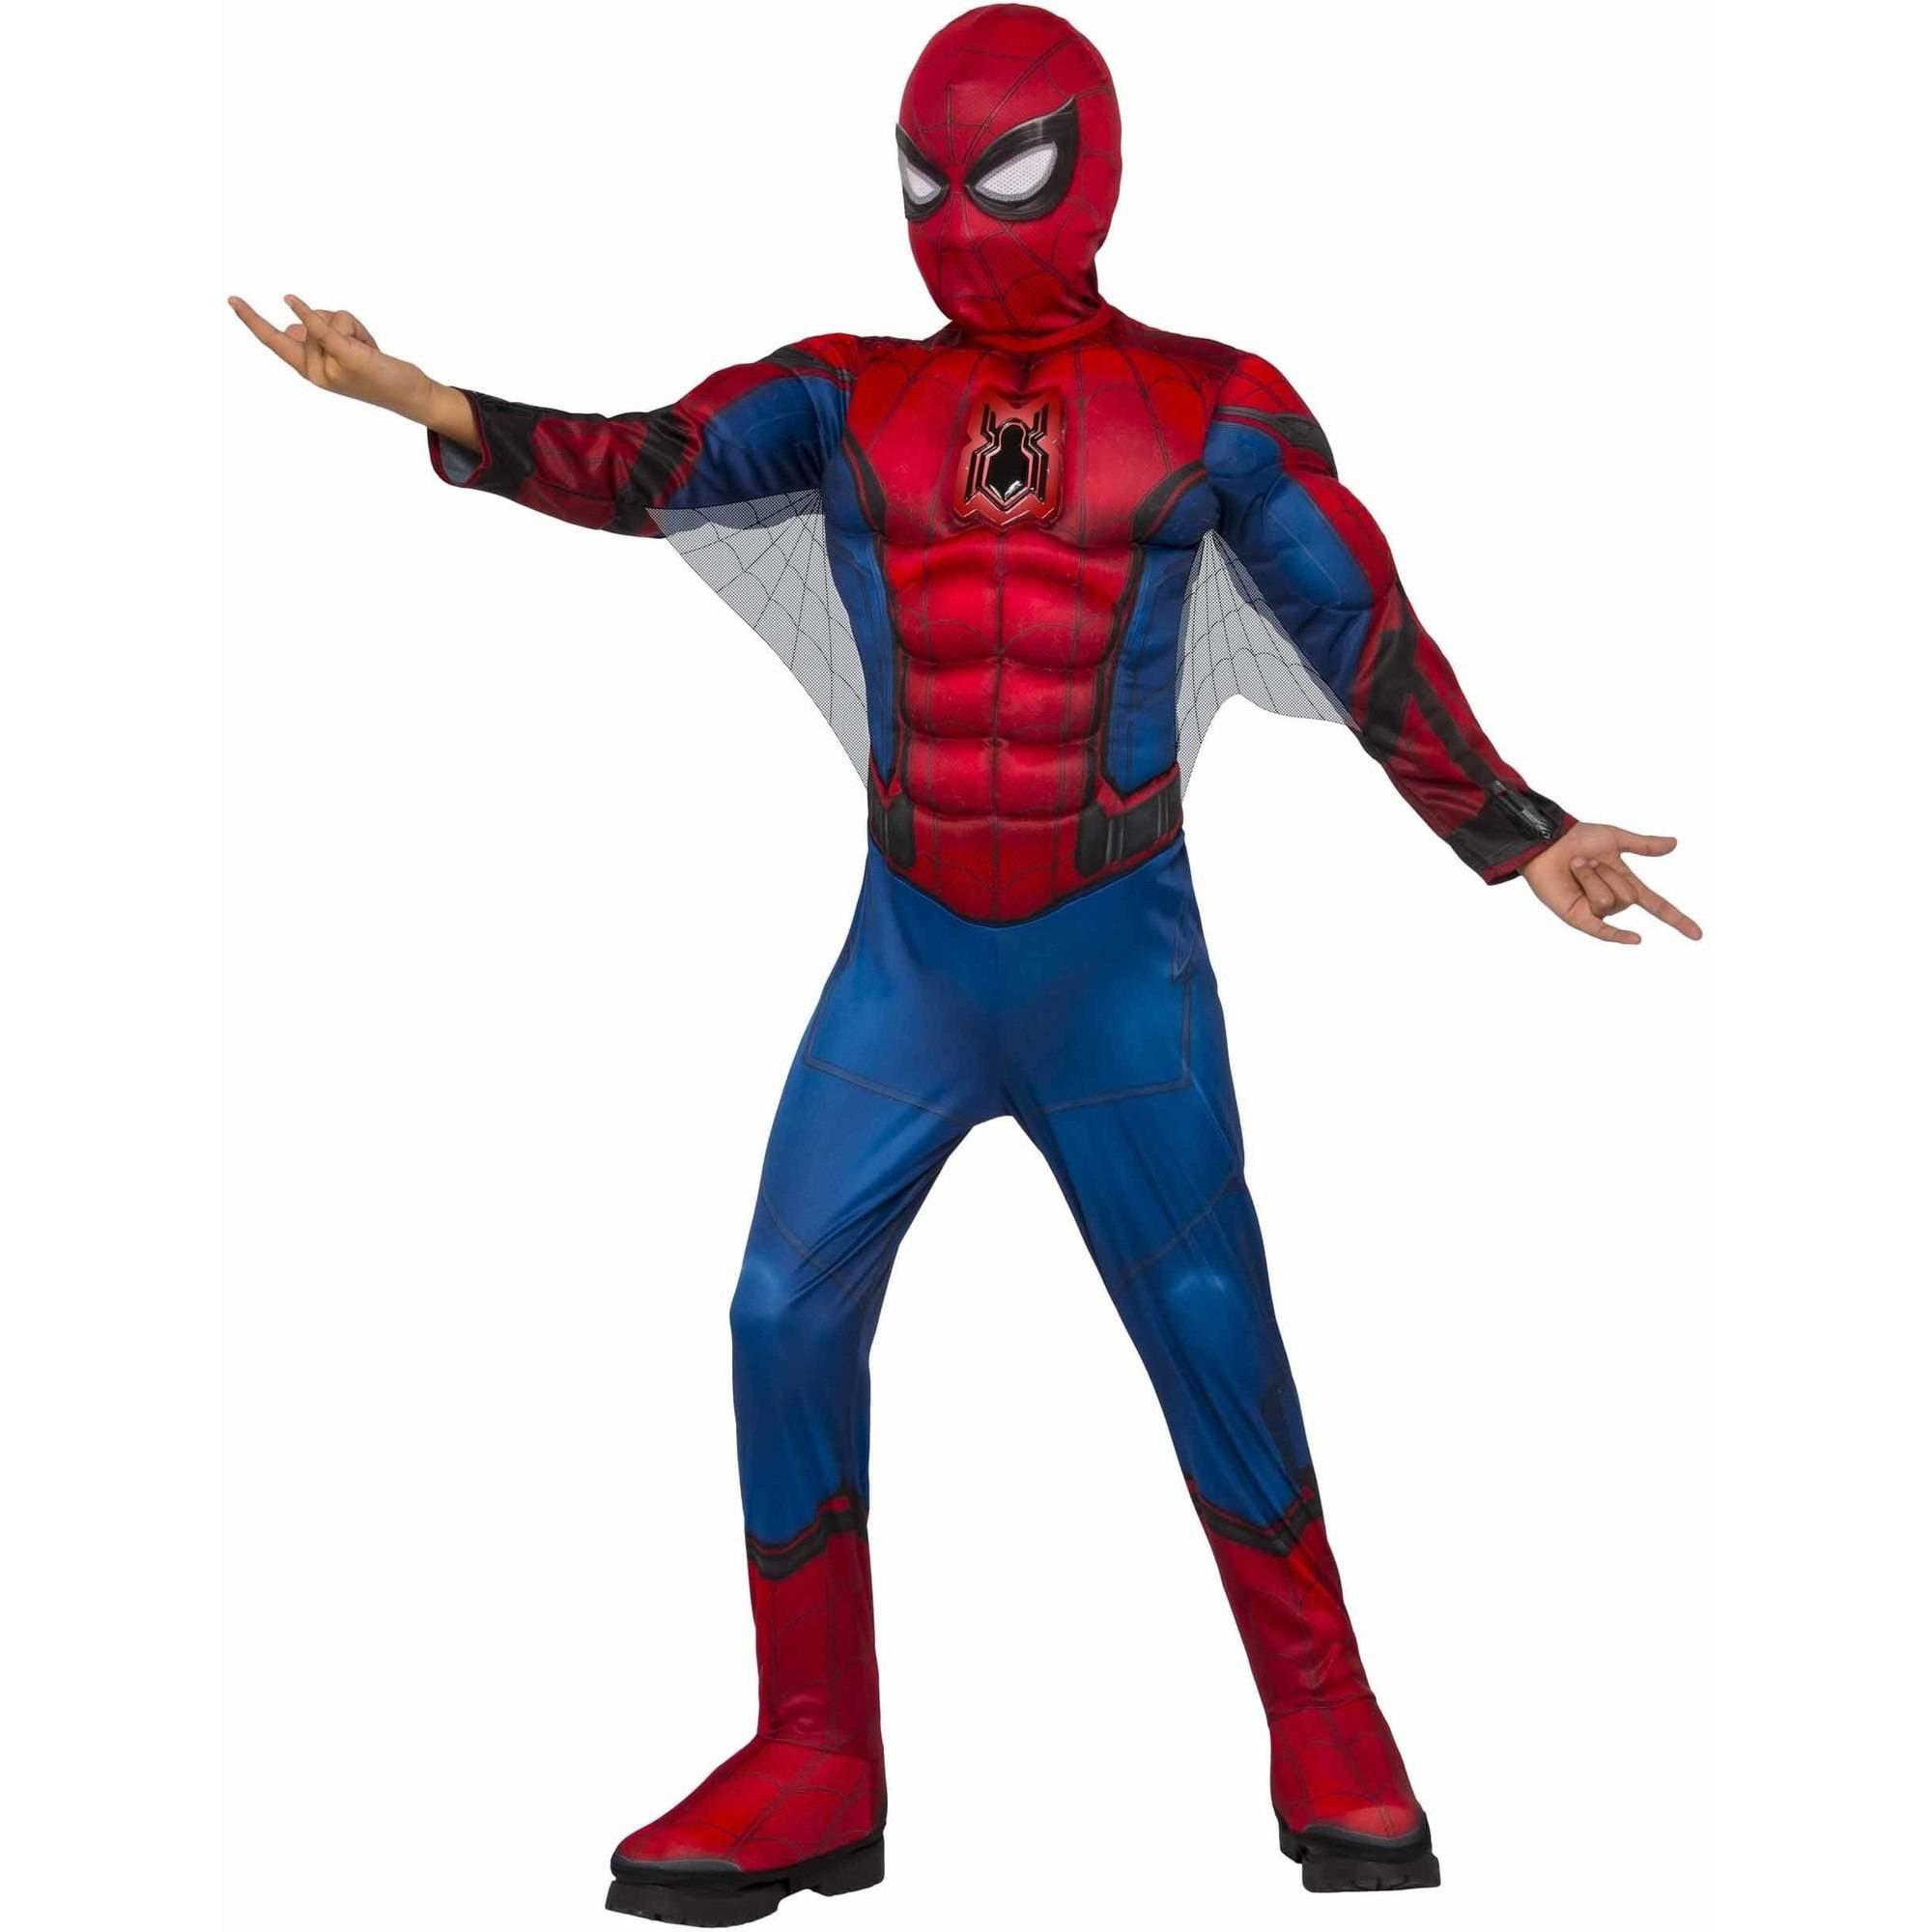 Deluxe Spider-Man Child's Costume, Medium (8-10)